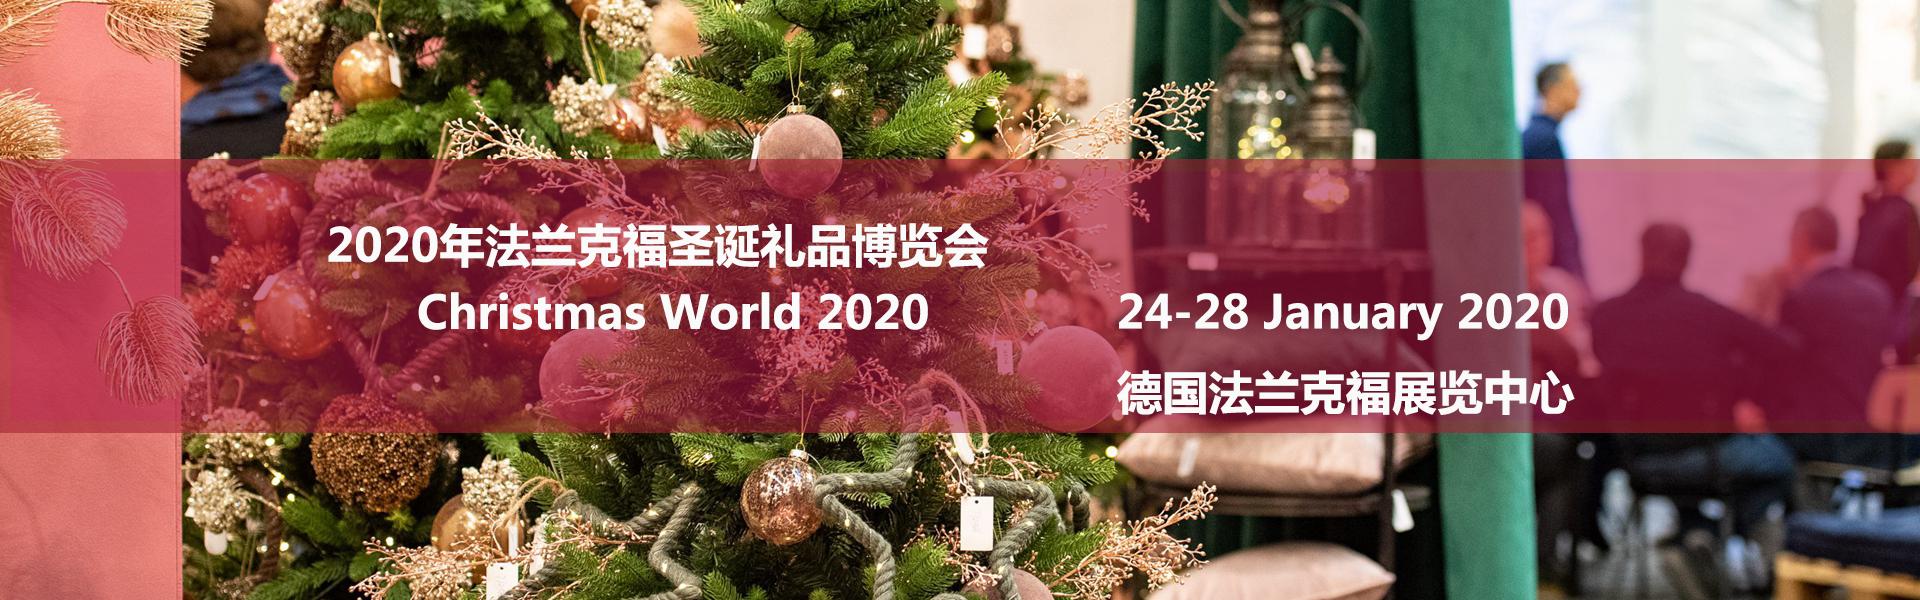 法兰克福圣诞礼品世界博览会